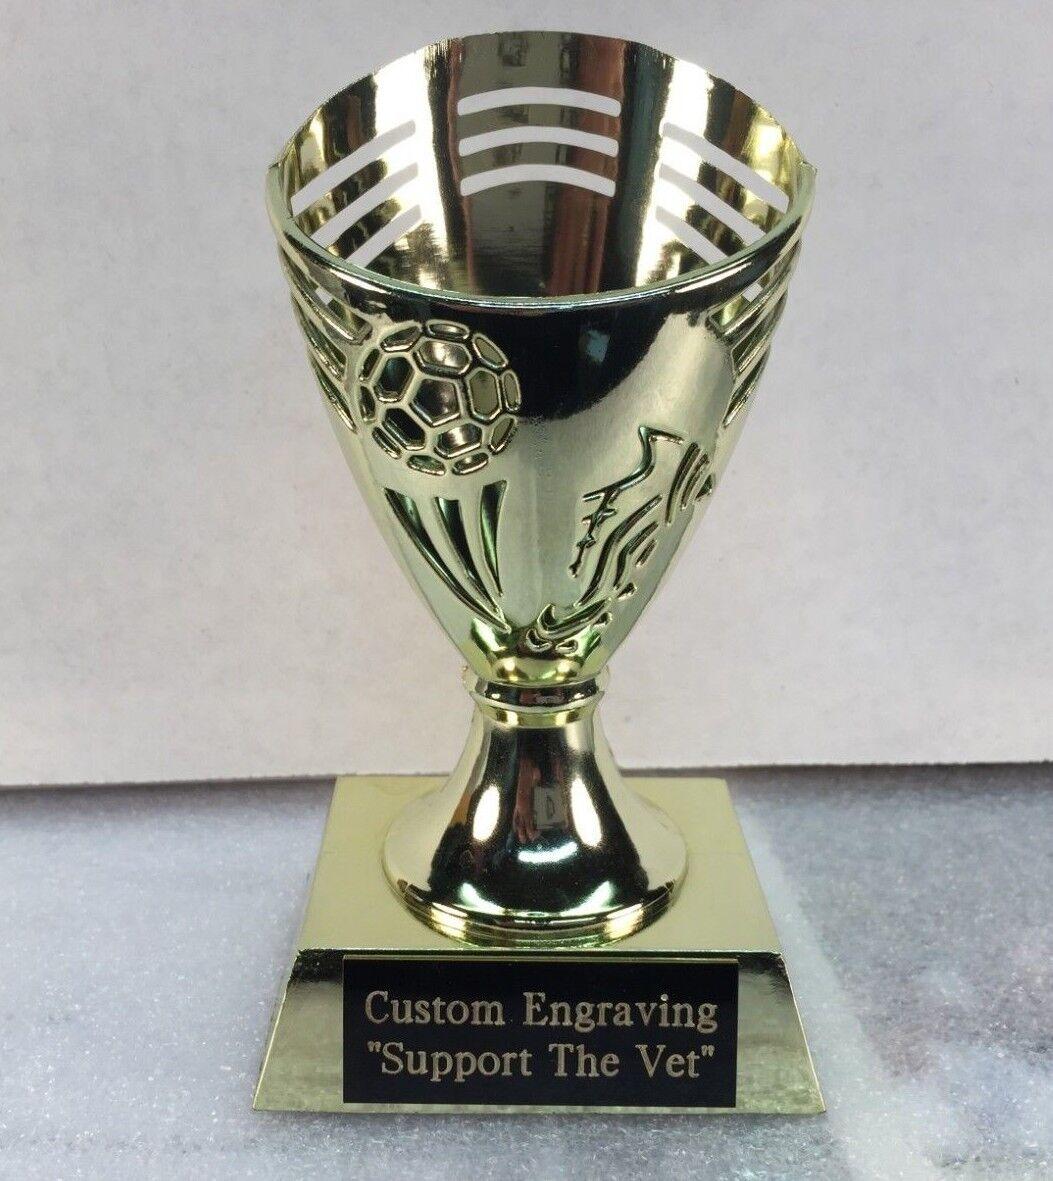 Youth Soccer Trofeo Premio Lote de 20 Gratis Grabado Gratis entrenador premio se envía 2 día